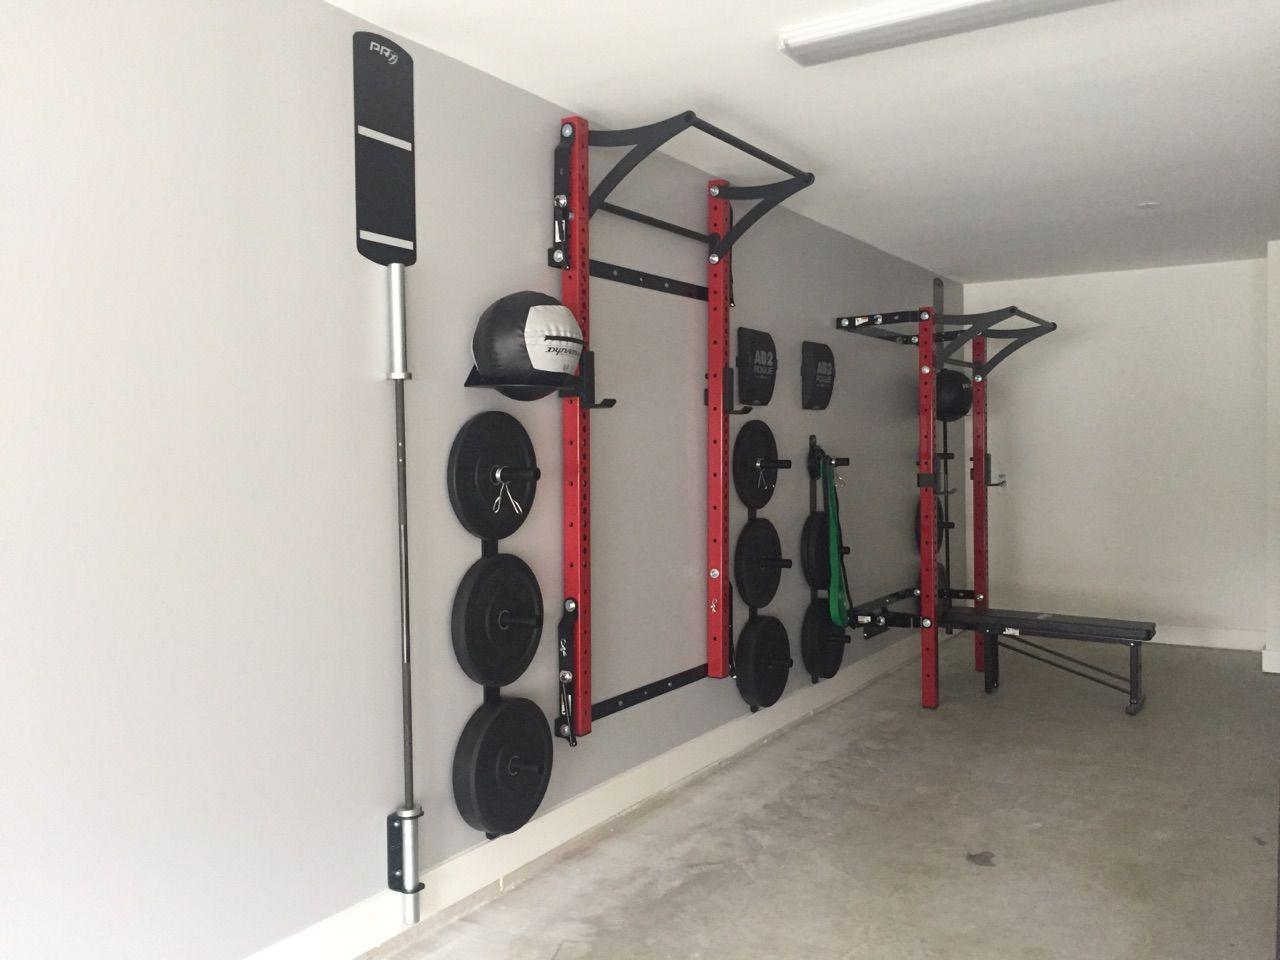 gym room at home home gym decor